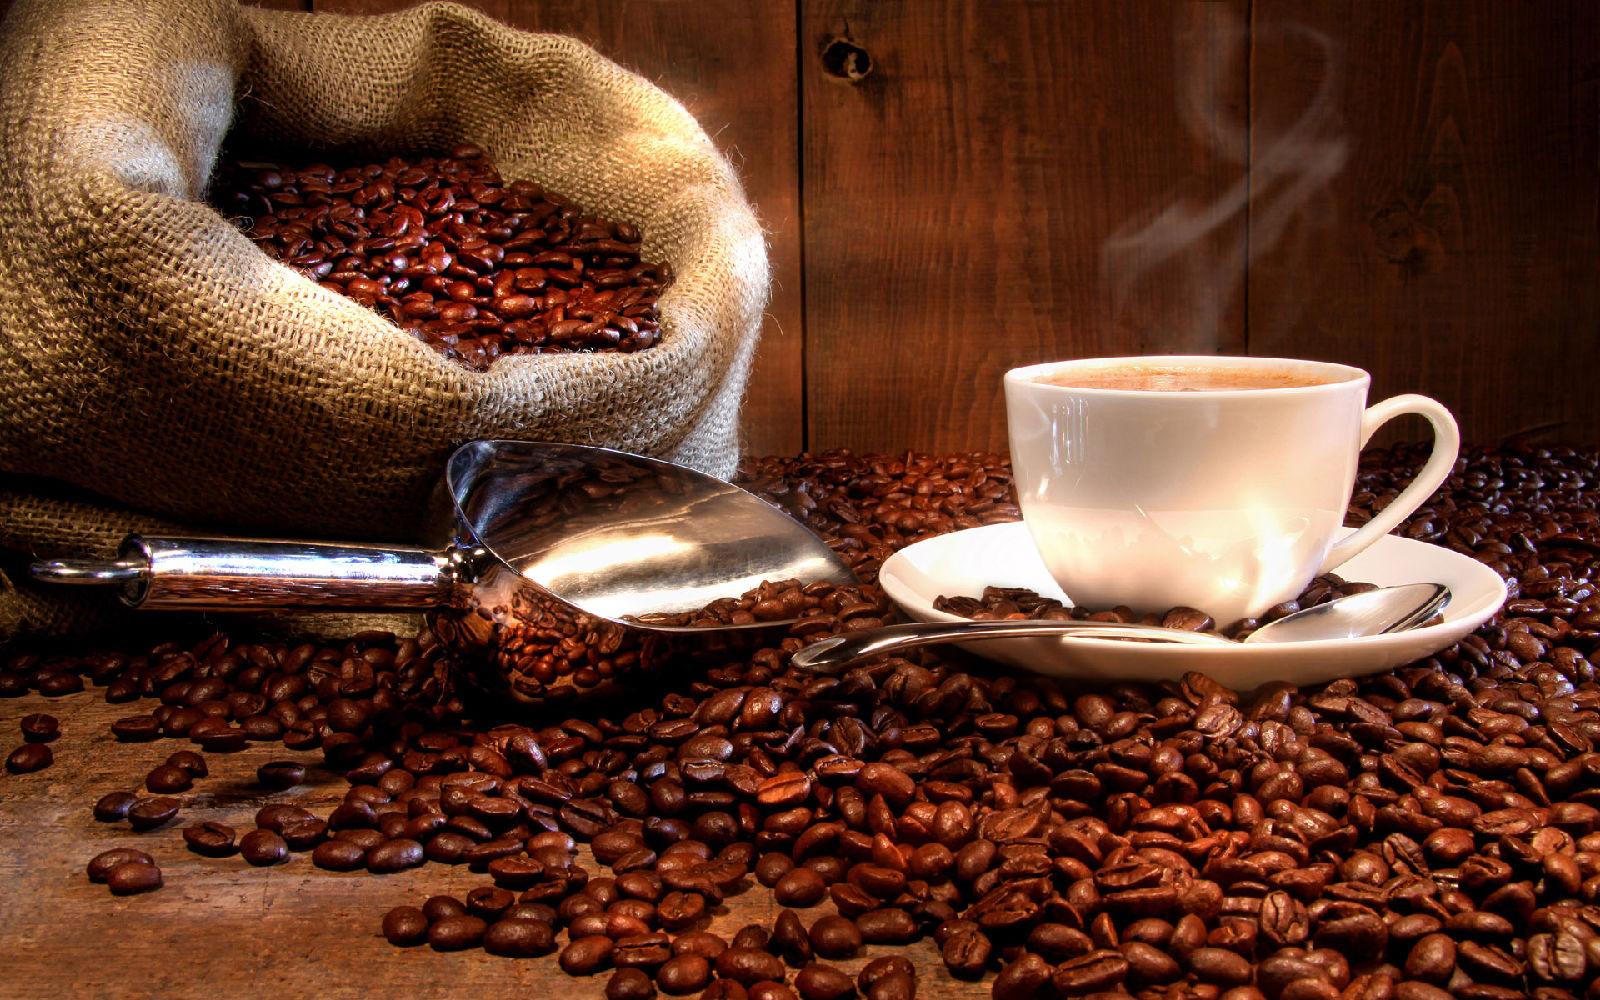 巴西咖啡全球火爆!年产量将达4915万袋